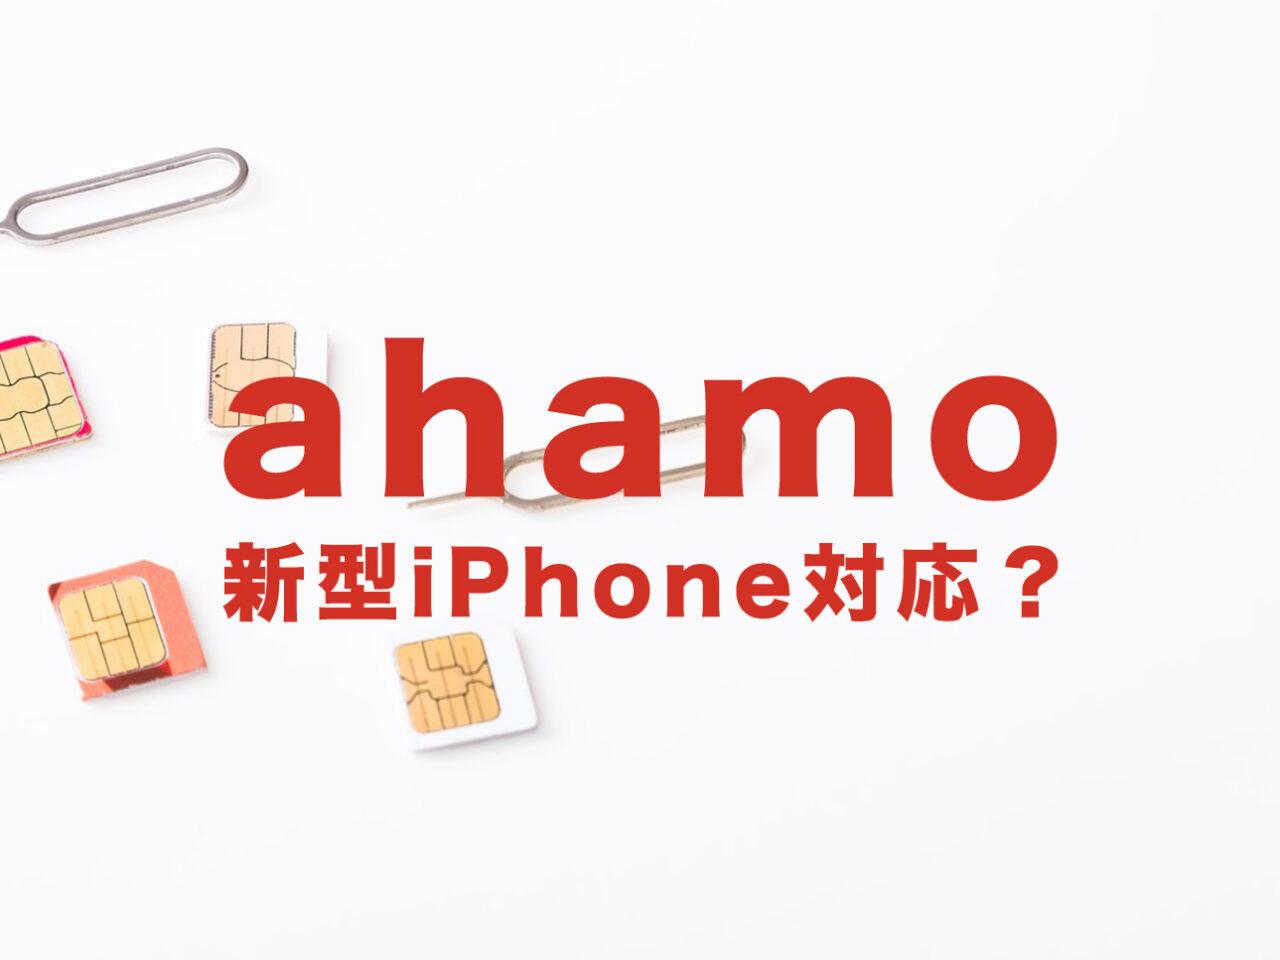 ahamo(アハモ)でiPhone13は使える?2021年新型アイフォンは対応?のサムネイル画像